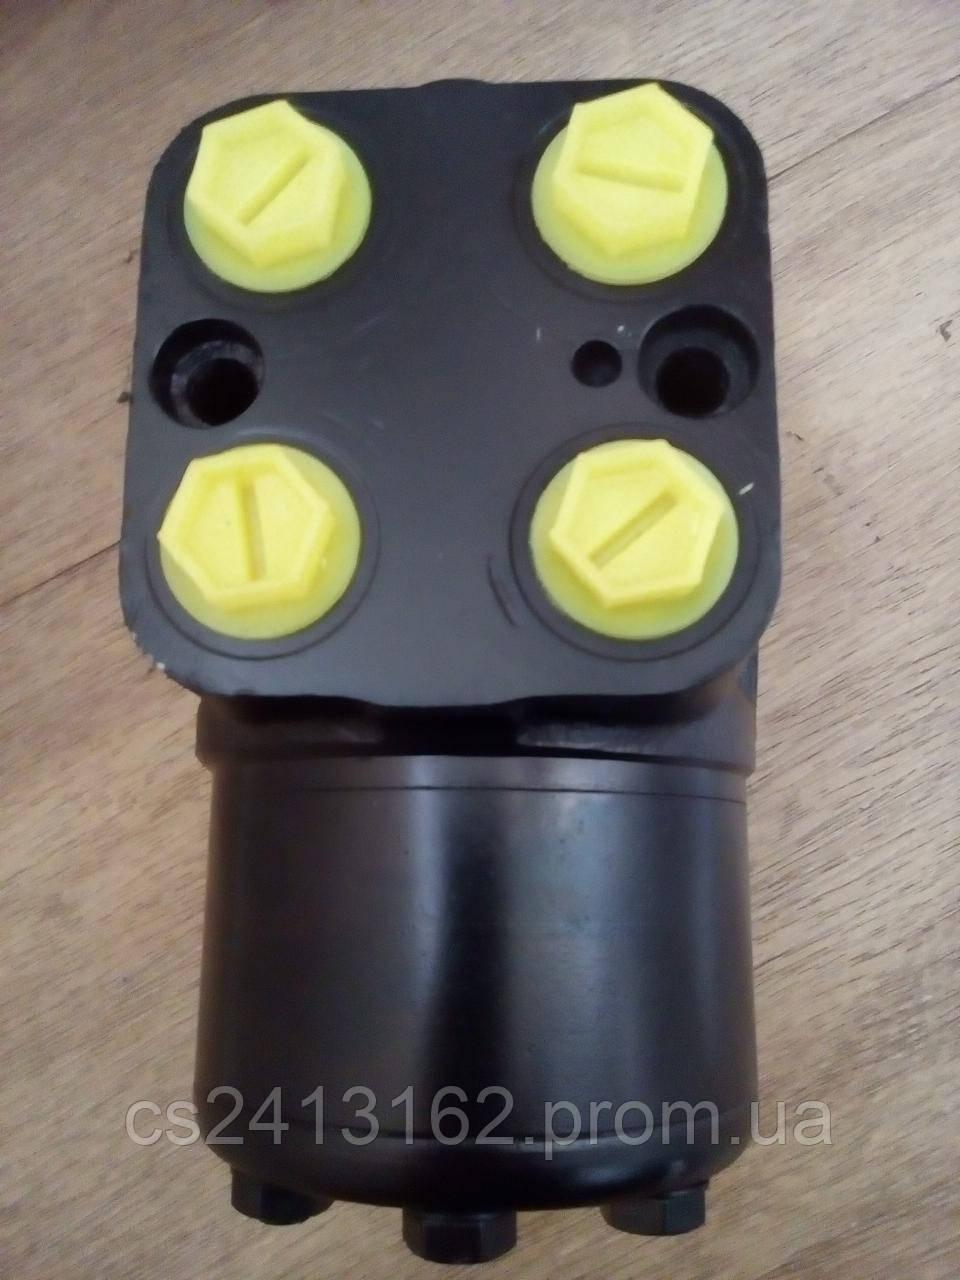 Насос-дозатор ХТЗ.Т-150 с клапаном  Orsta Lifum-200/500